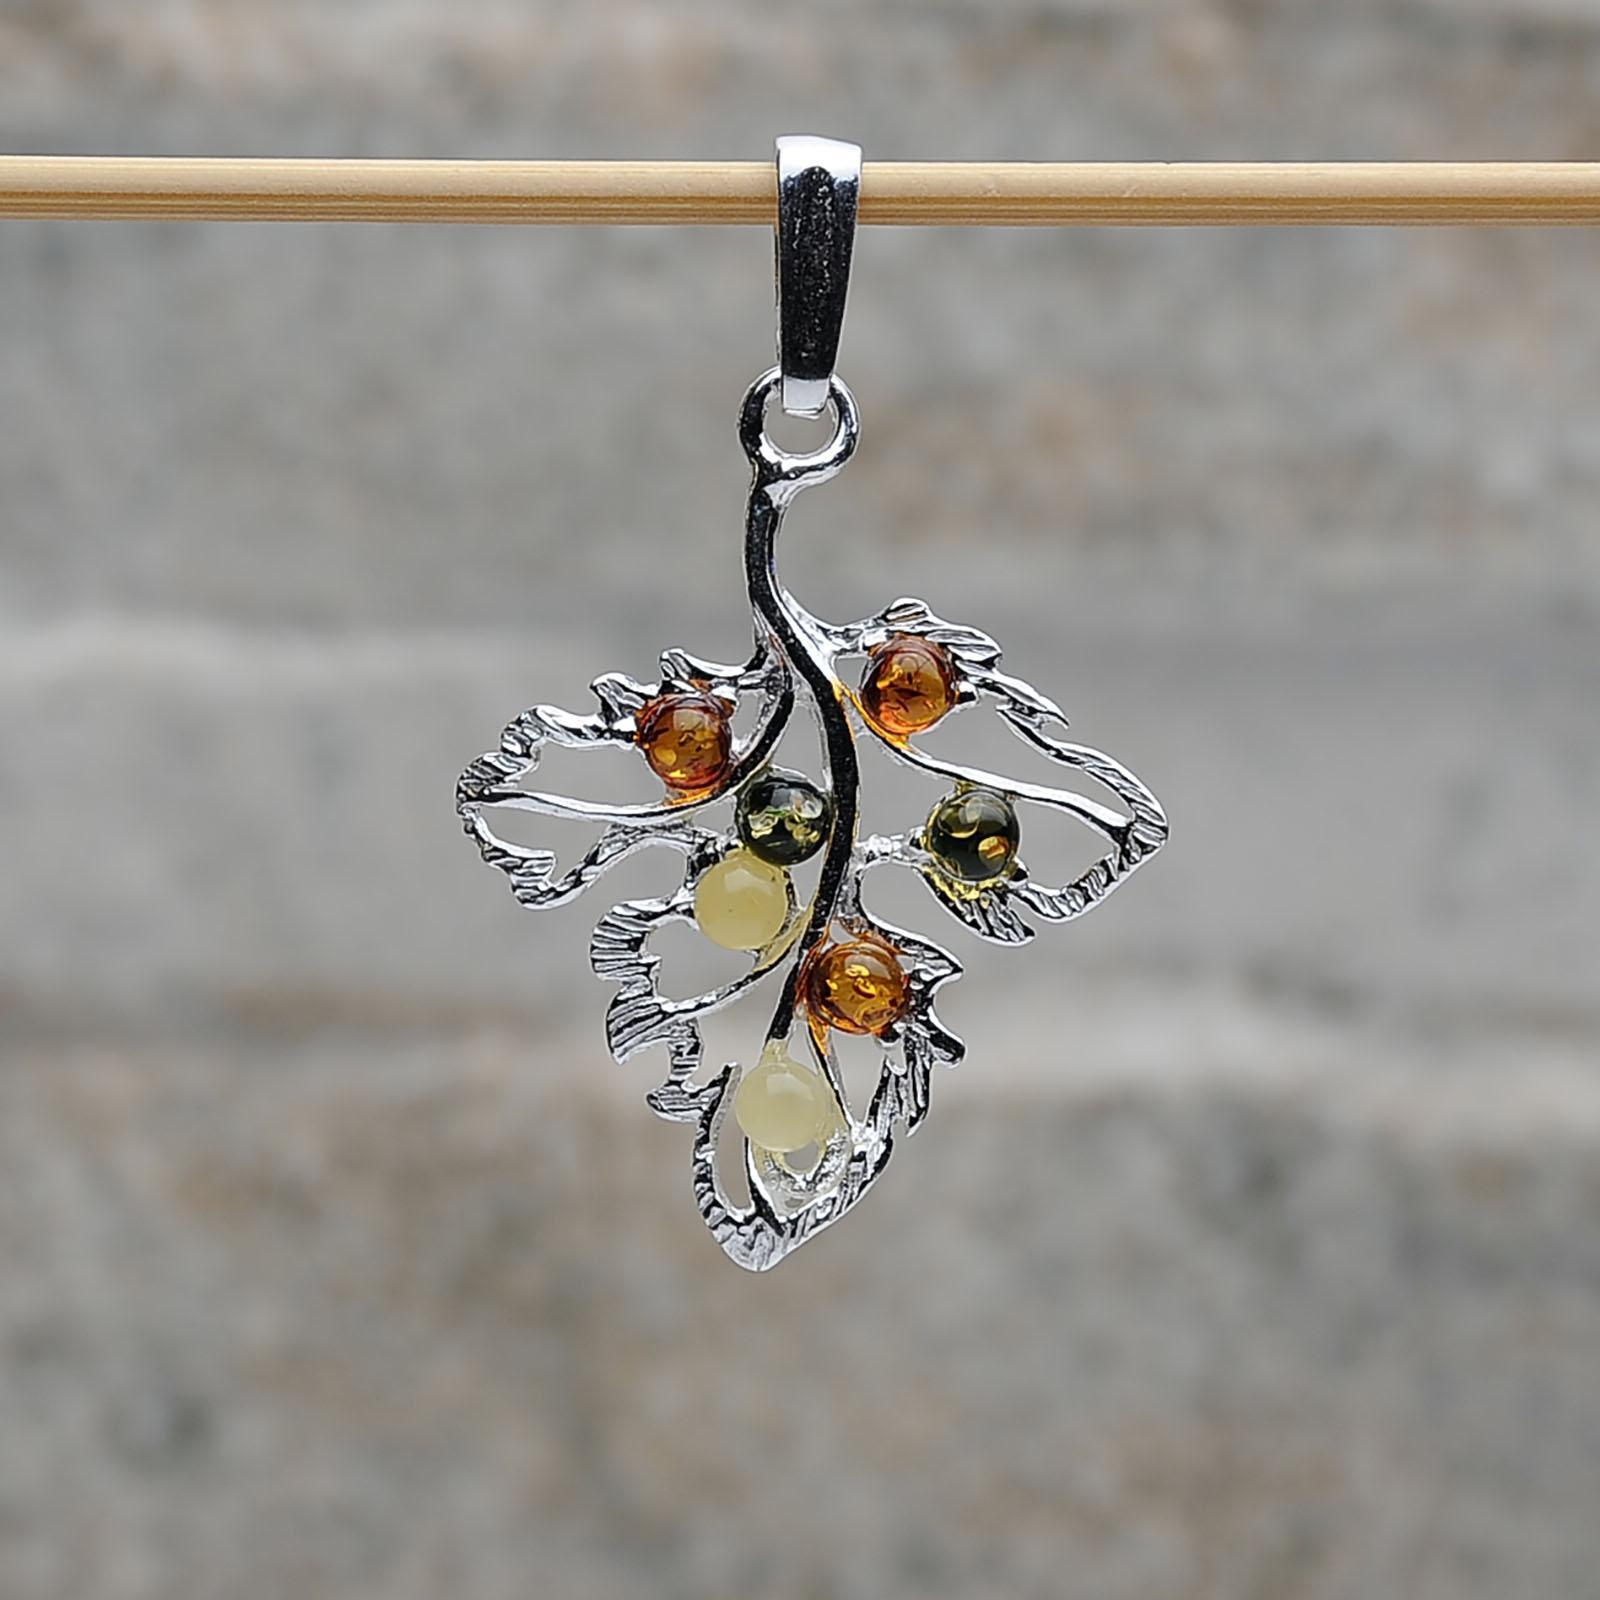 Pendente Foglia argento 925 Tigri-Domestiche-Shop